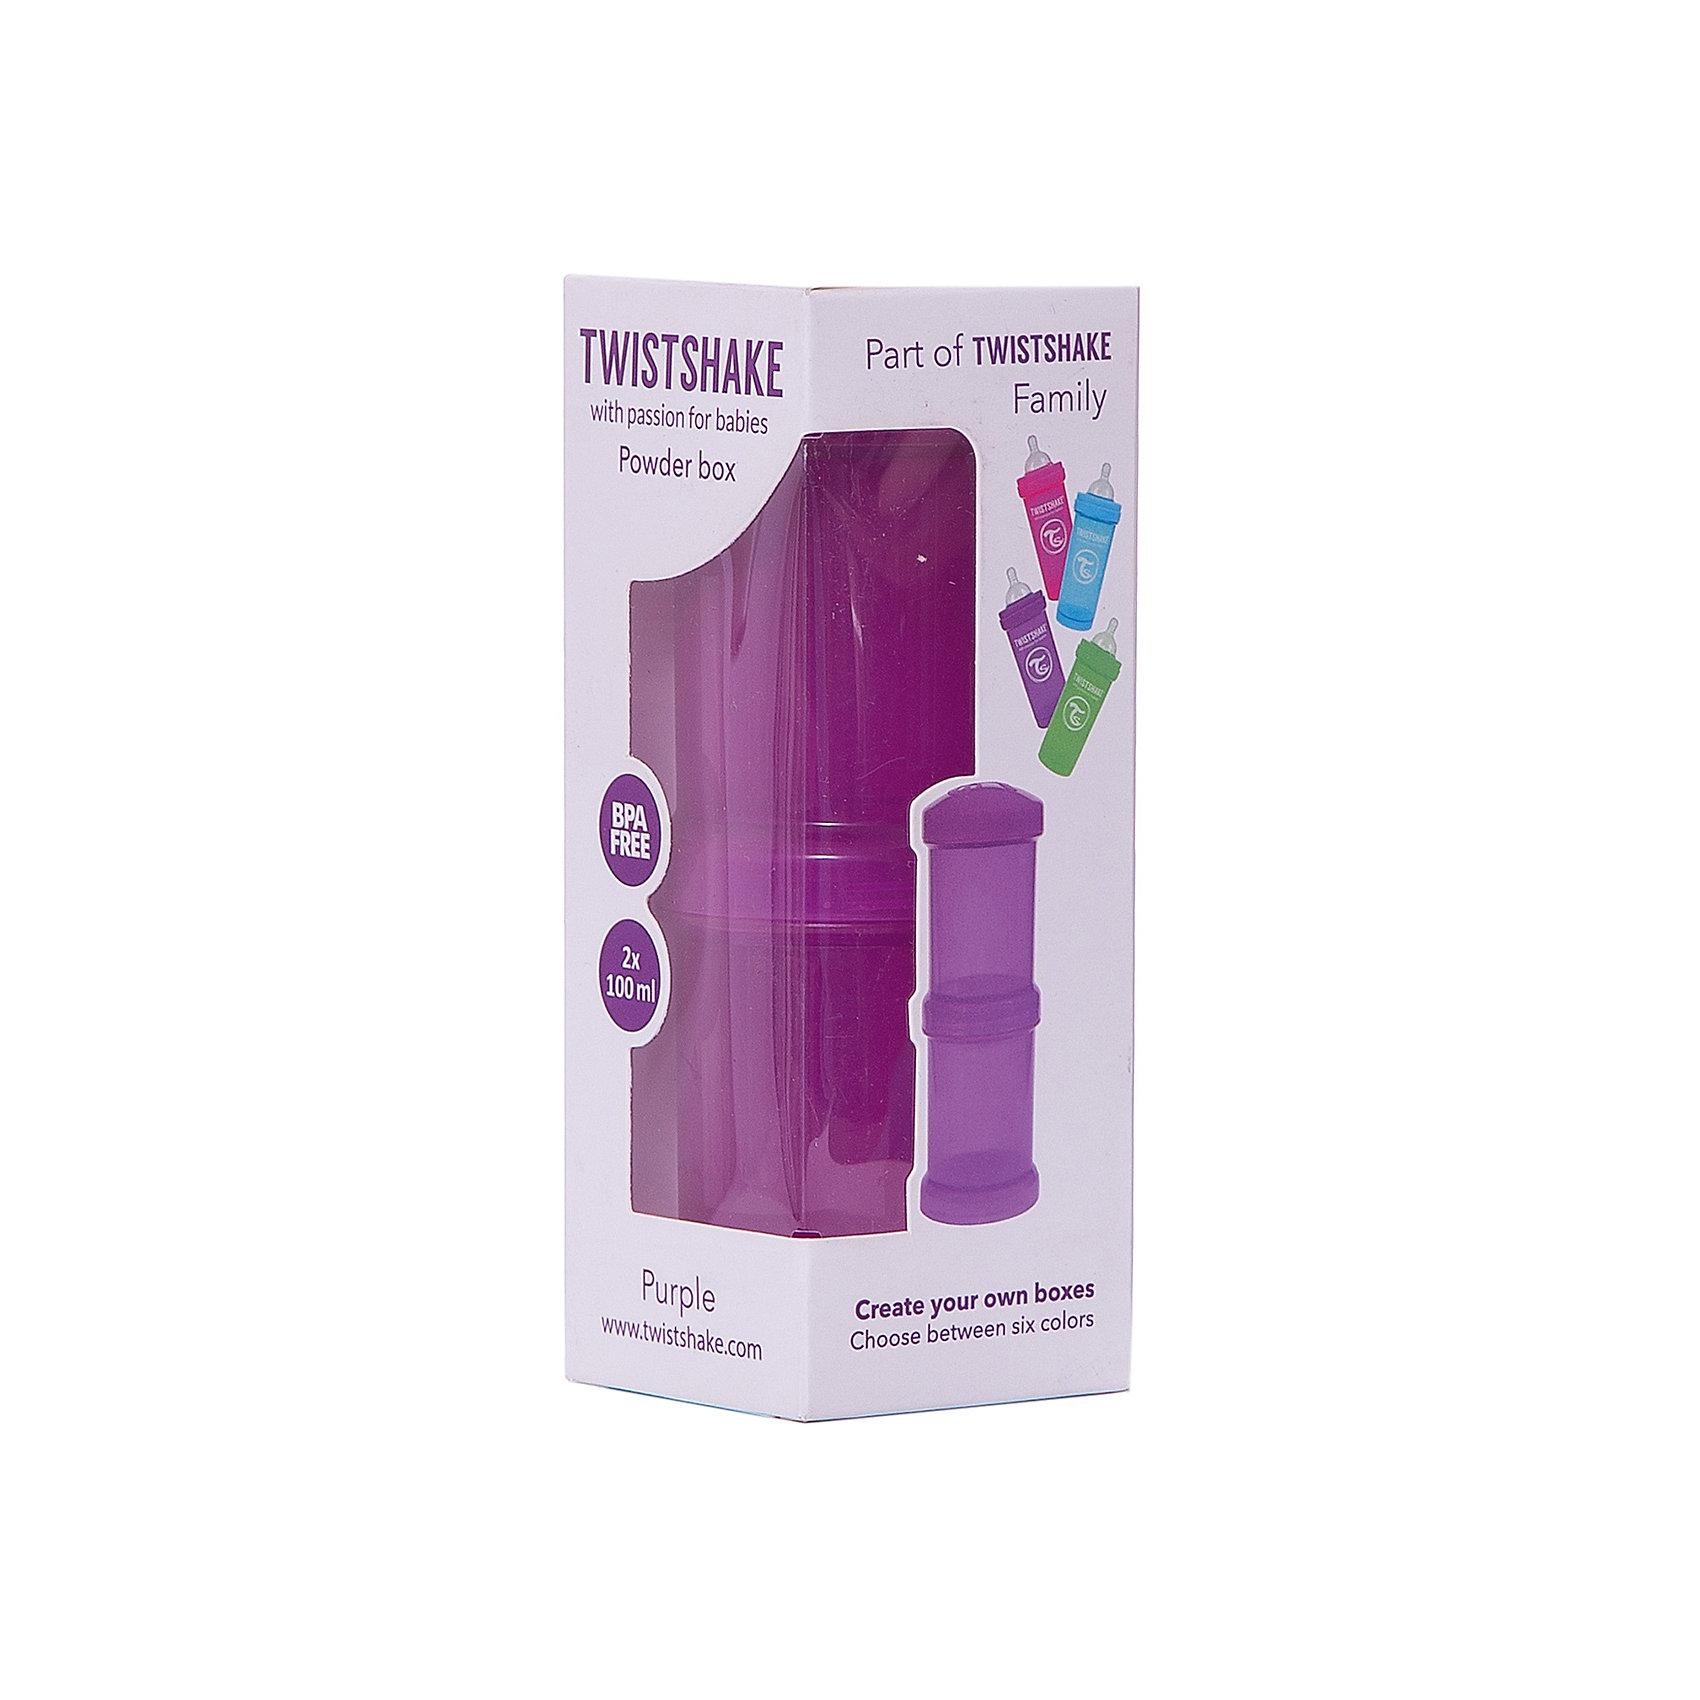 Контейнер для сухой смеси 100 мл. 2 шт., TwistShake, фиолетовый (Twistshake)